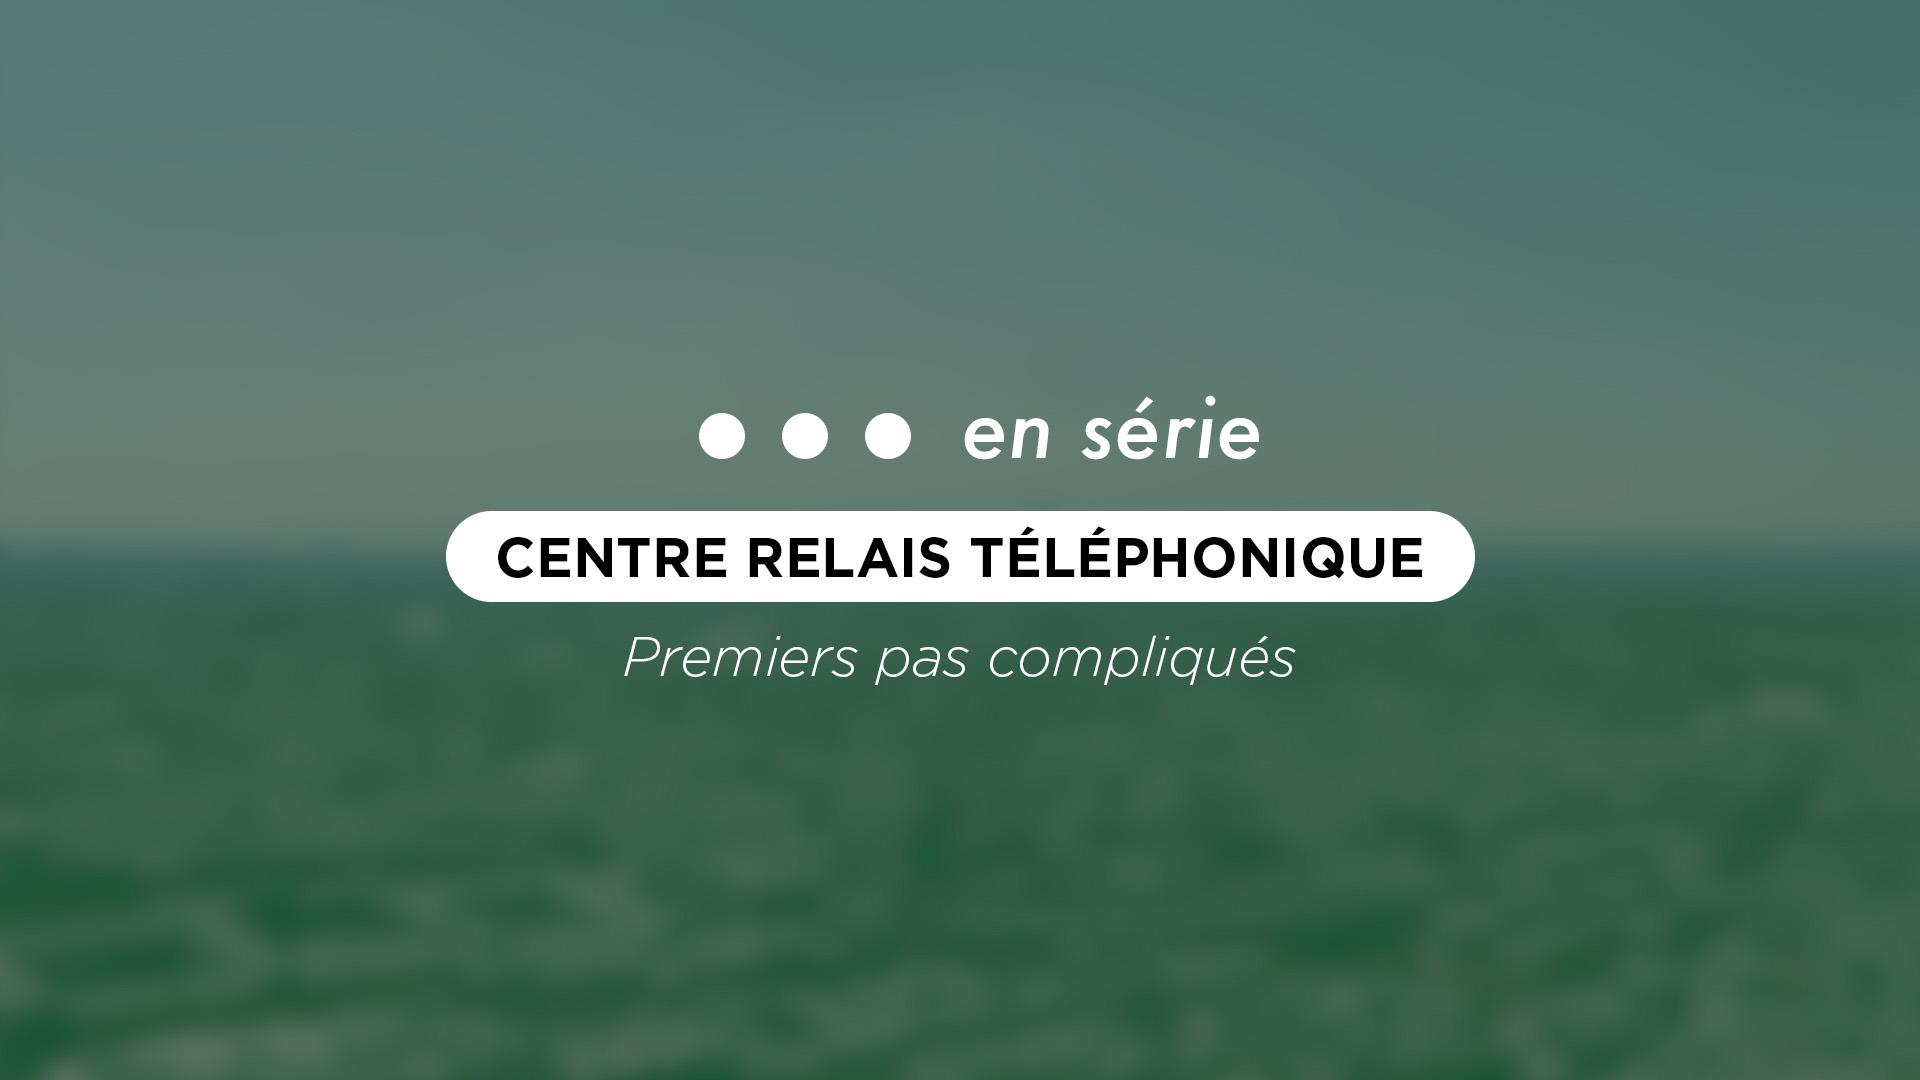 CPT_SERIE_VERT_CRT-02-Premiers pas compliques